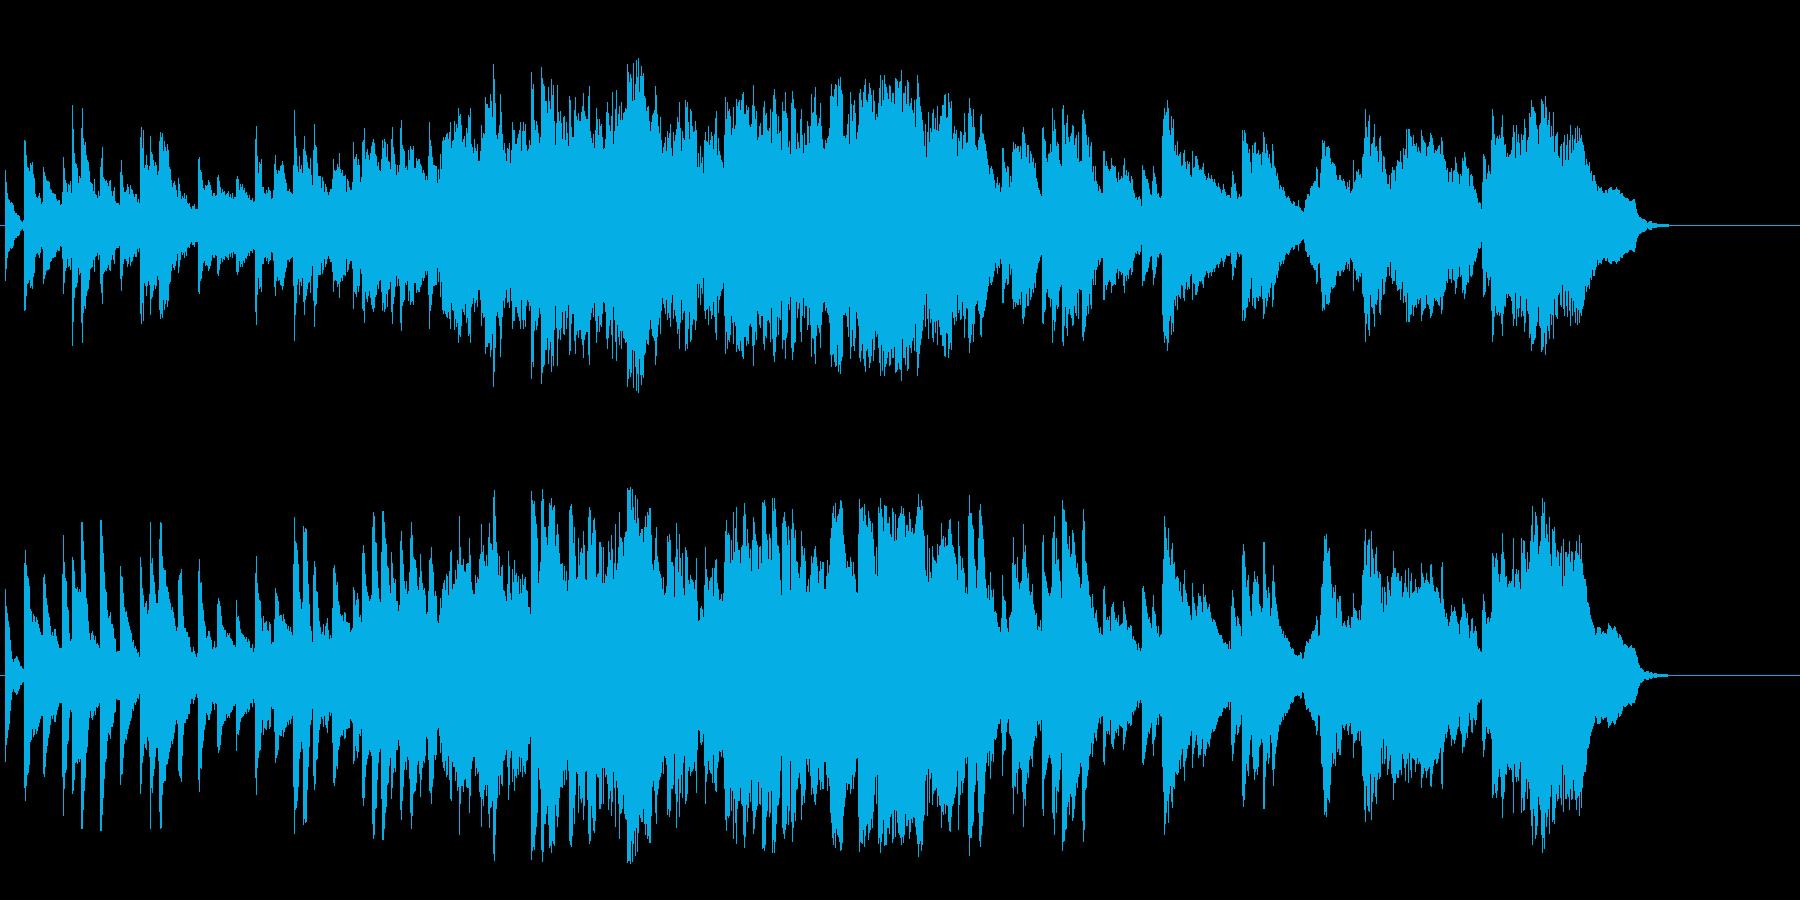 優雅なセミクラ風ピアノバラードの再生済みの波形